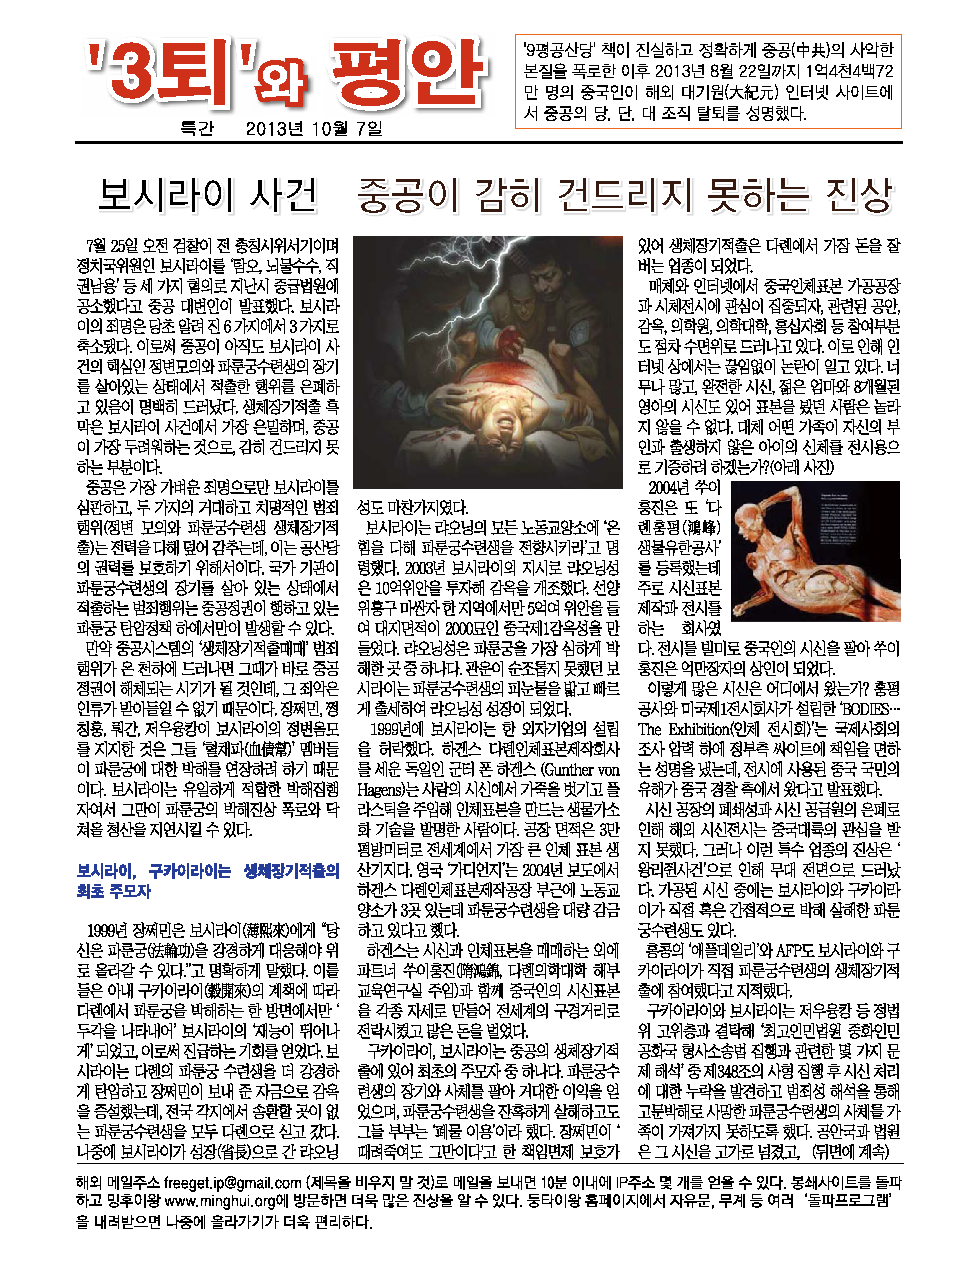 korea-santui-tekan-online1.png